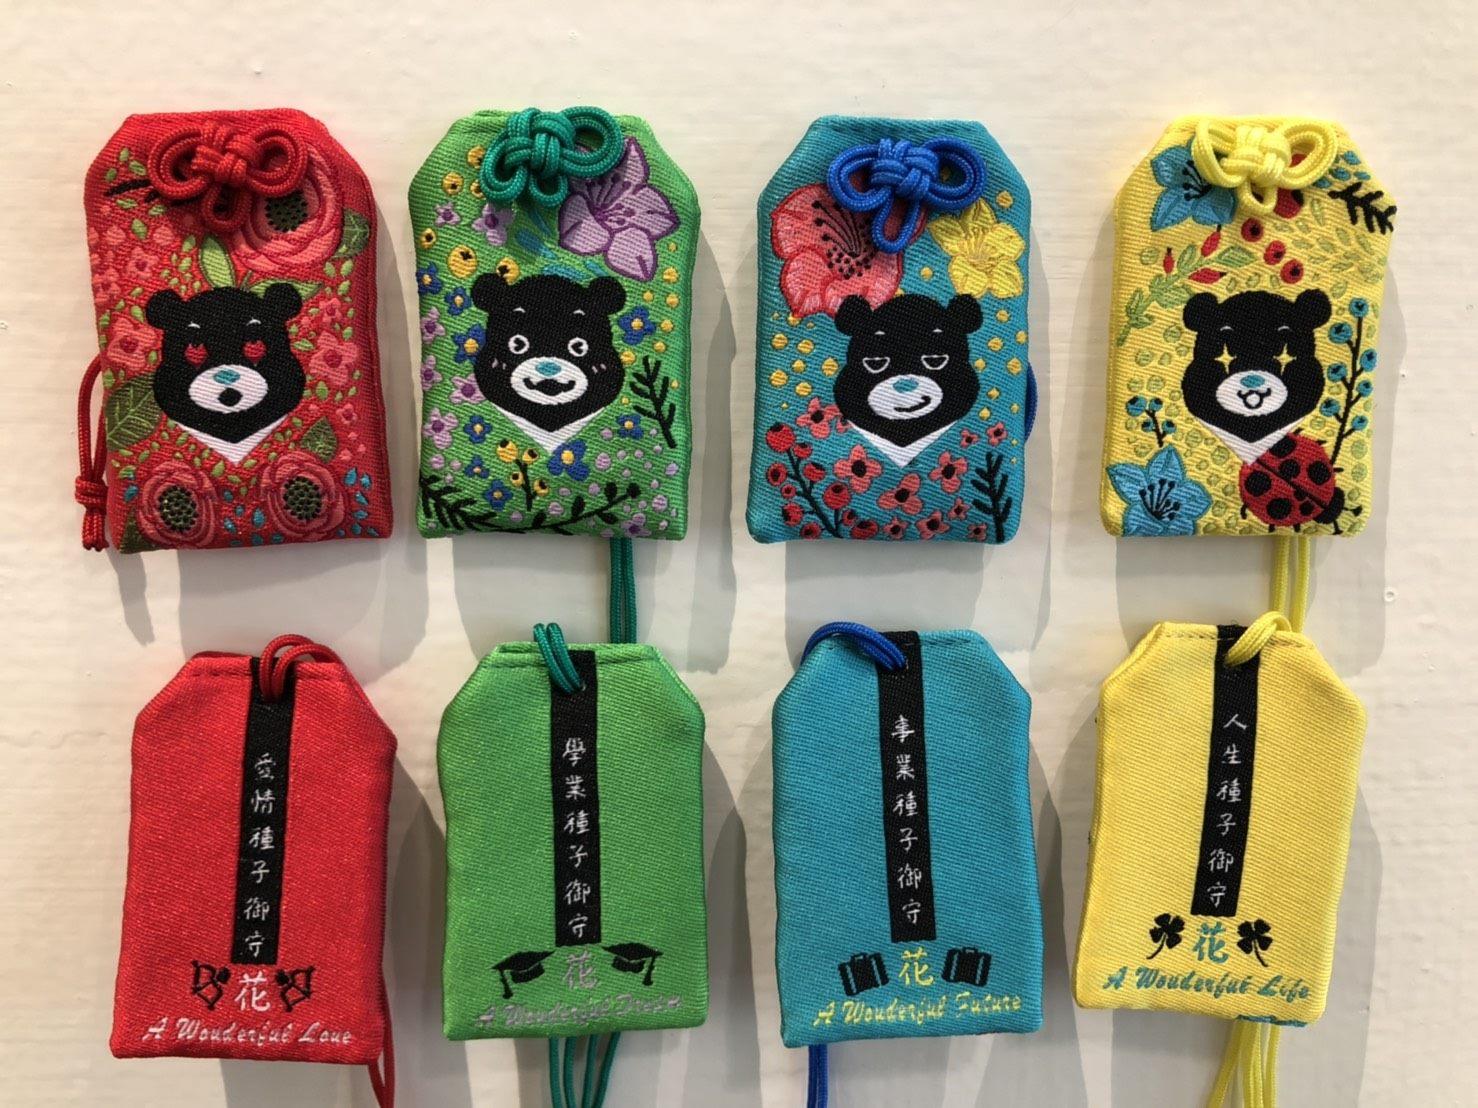 「幸福嘉年華」活動現場的城市紀念品攤位可買到花季限定版的熊讚御守。